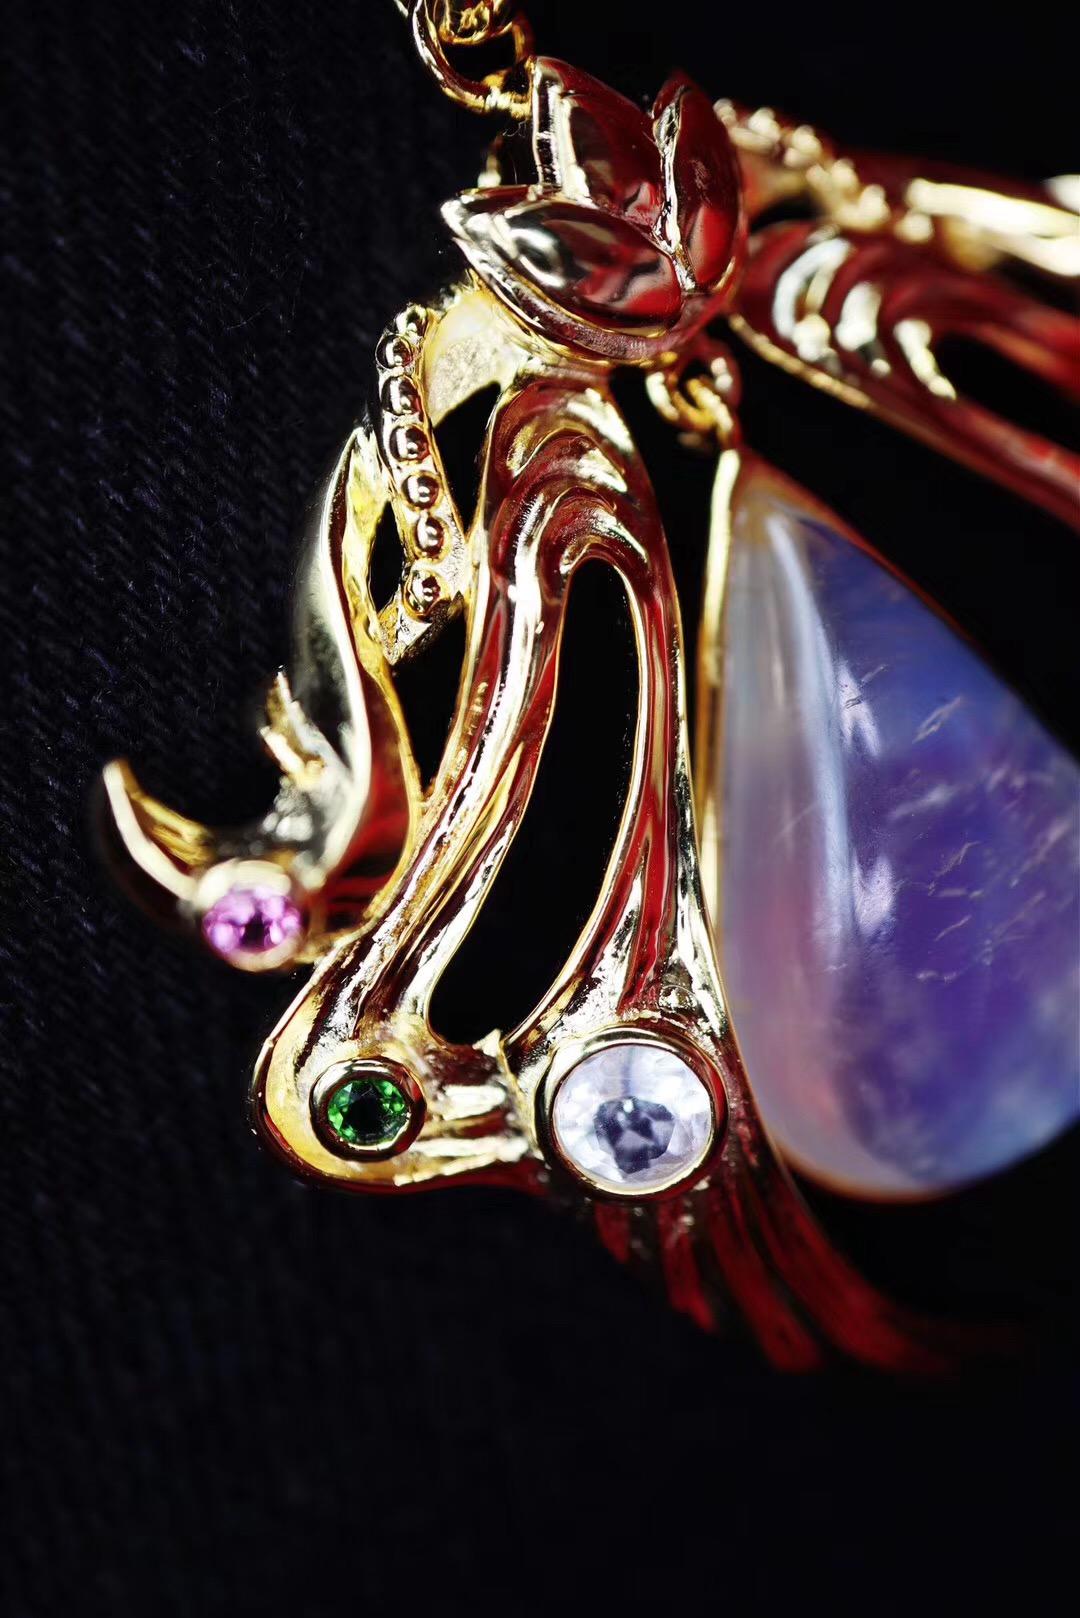 【月光石&毛衣链】带着天使之翼的月光石坠-菩心晶舍